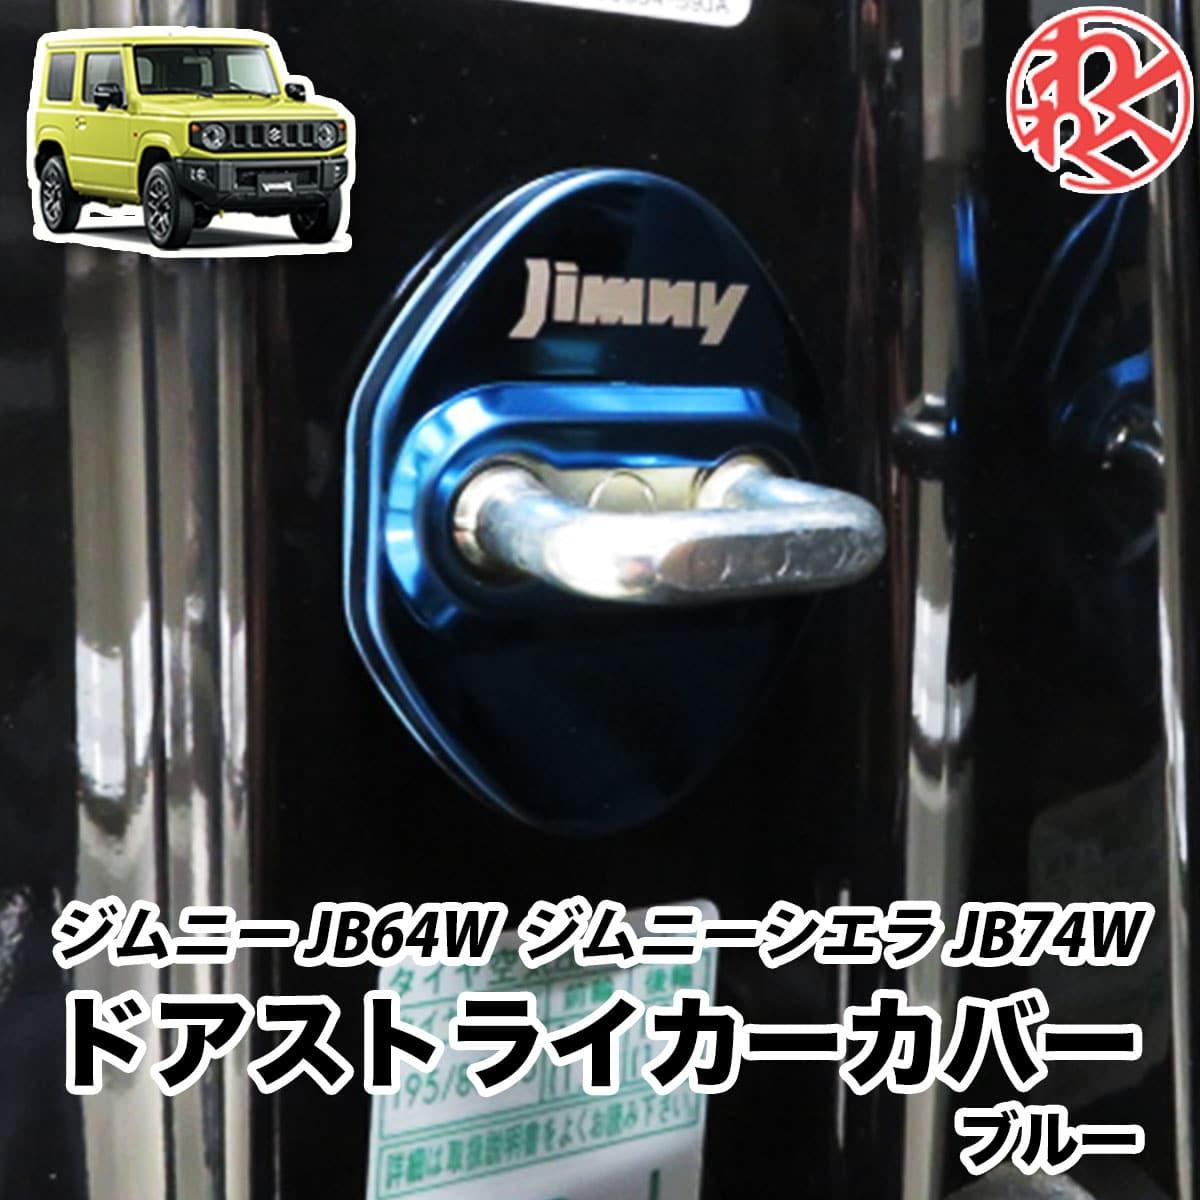 スズキ SUZUKI Jimny 24時間限定限定価格 ジムニー JB64W 高級 ジムニーシエラ JB74W メッキガーニッシュ ブルー わくわくファイネスト 新品未使用 ブラック ドアストライカーカバー ゴールド シルバー